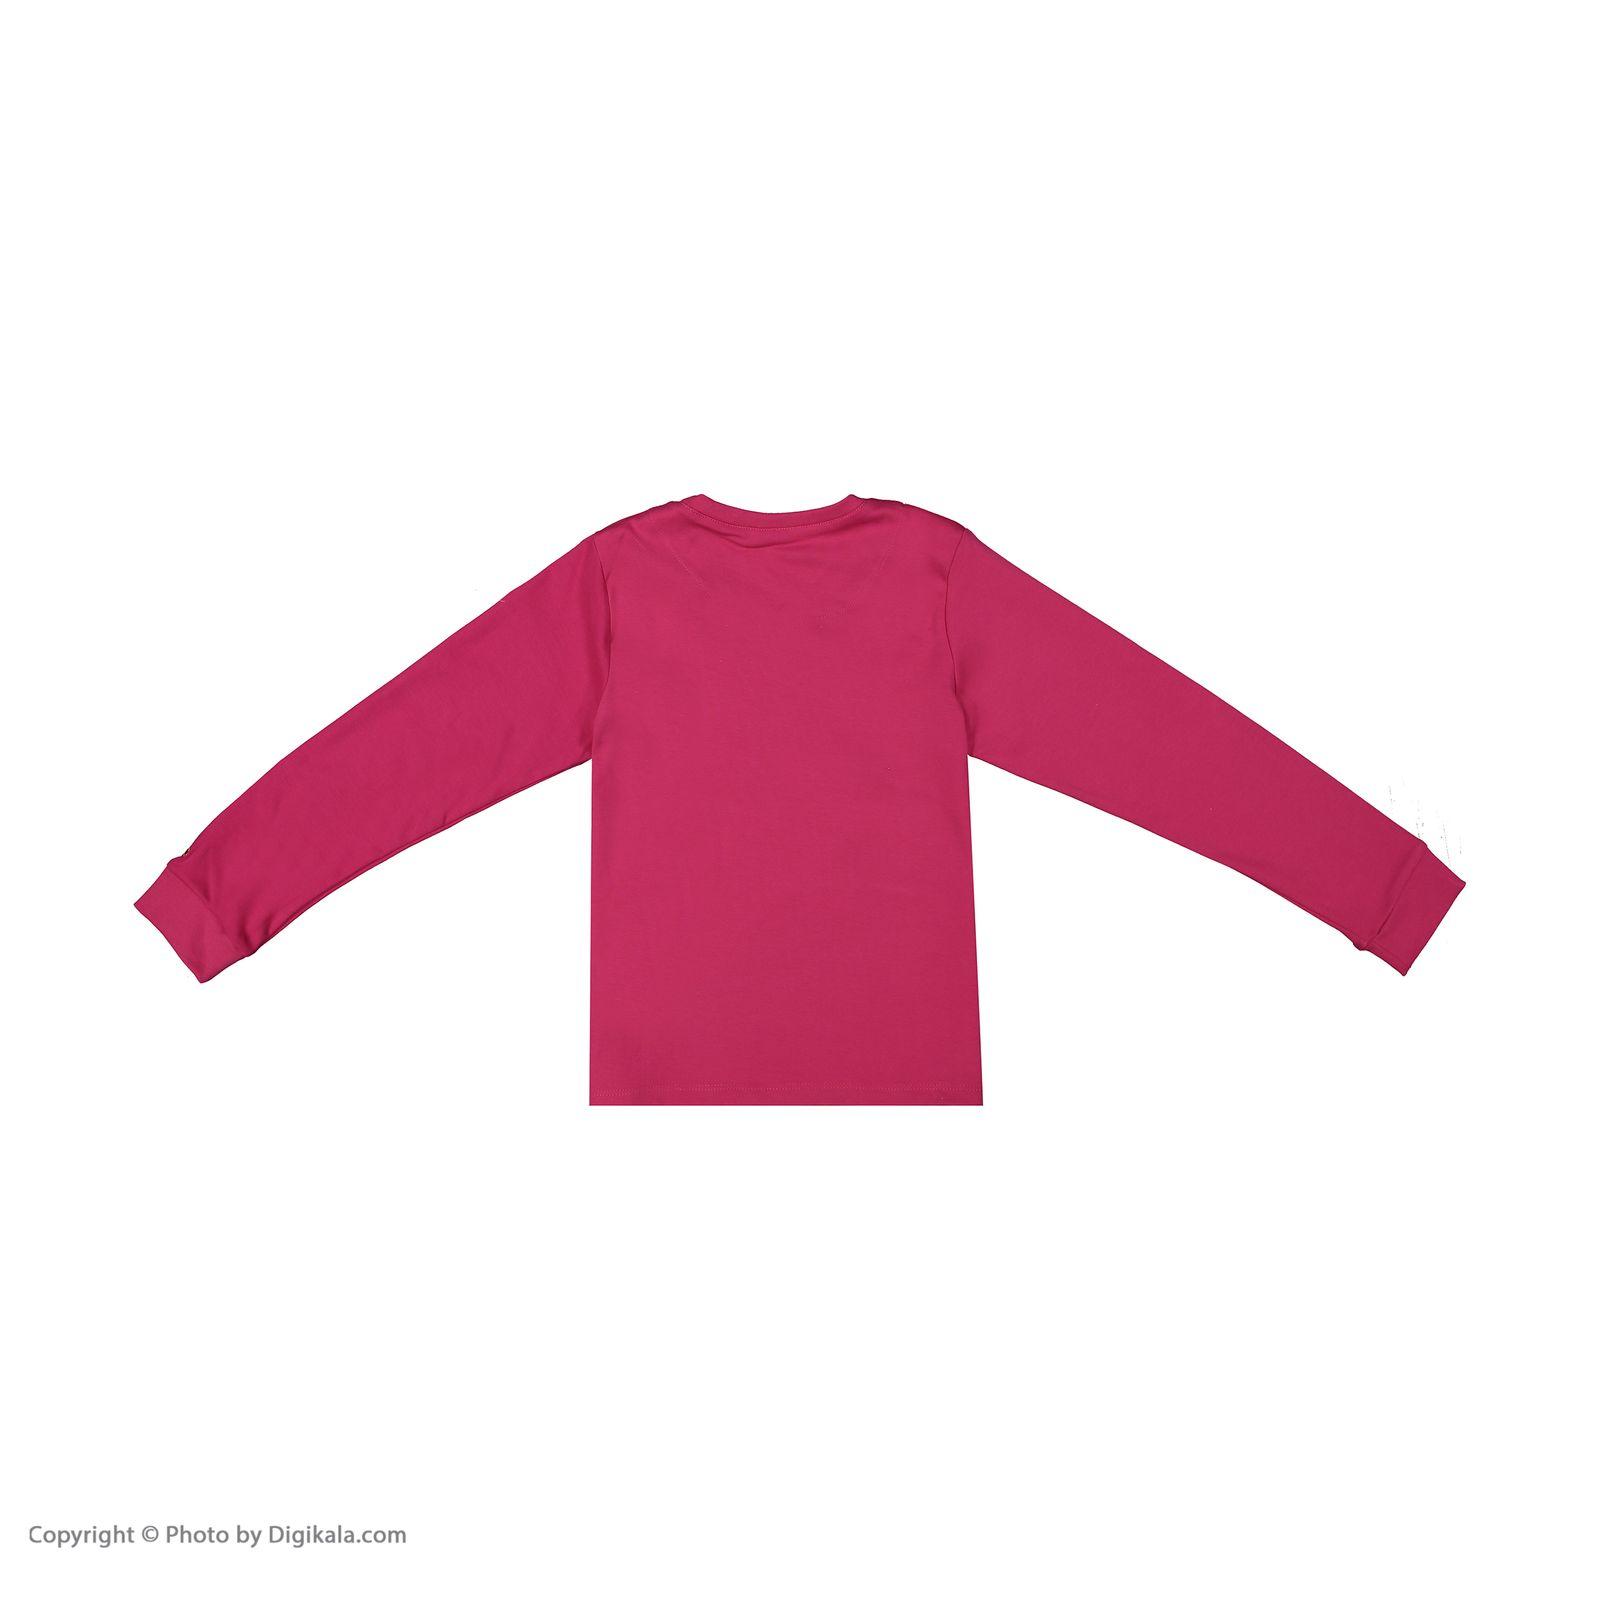 ست تی شرت و شلوار دخترانه مادر مدل 301-66 main 1 3